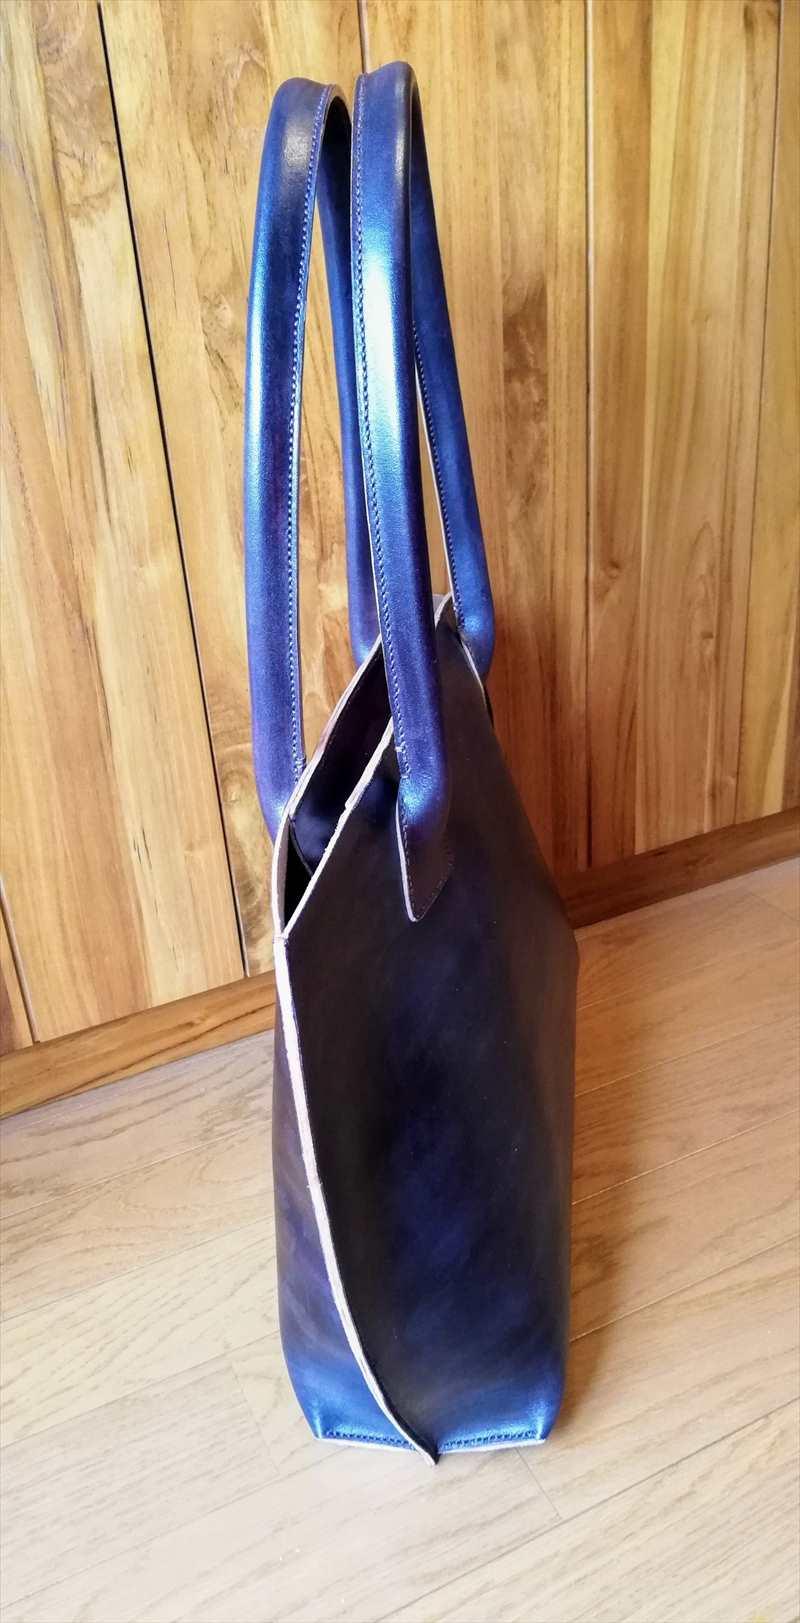 ヌメ革を染めたトートバッグ (1)_R